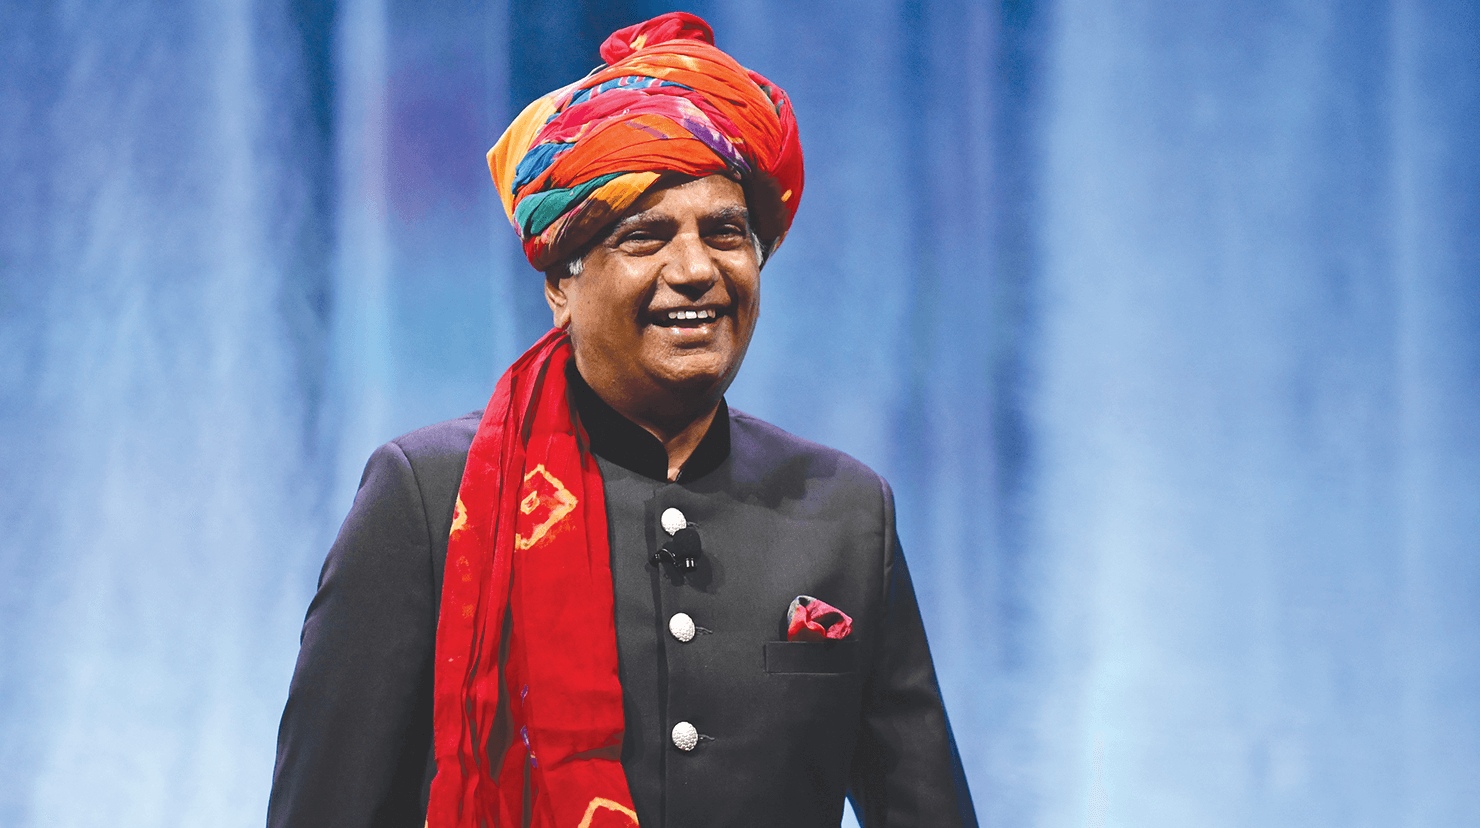 Toastmasters International President Deepak Menon smiling onstage